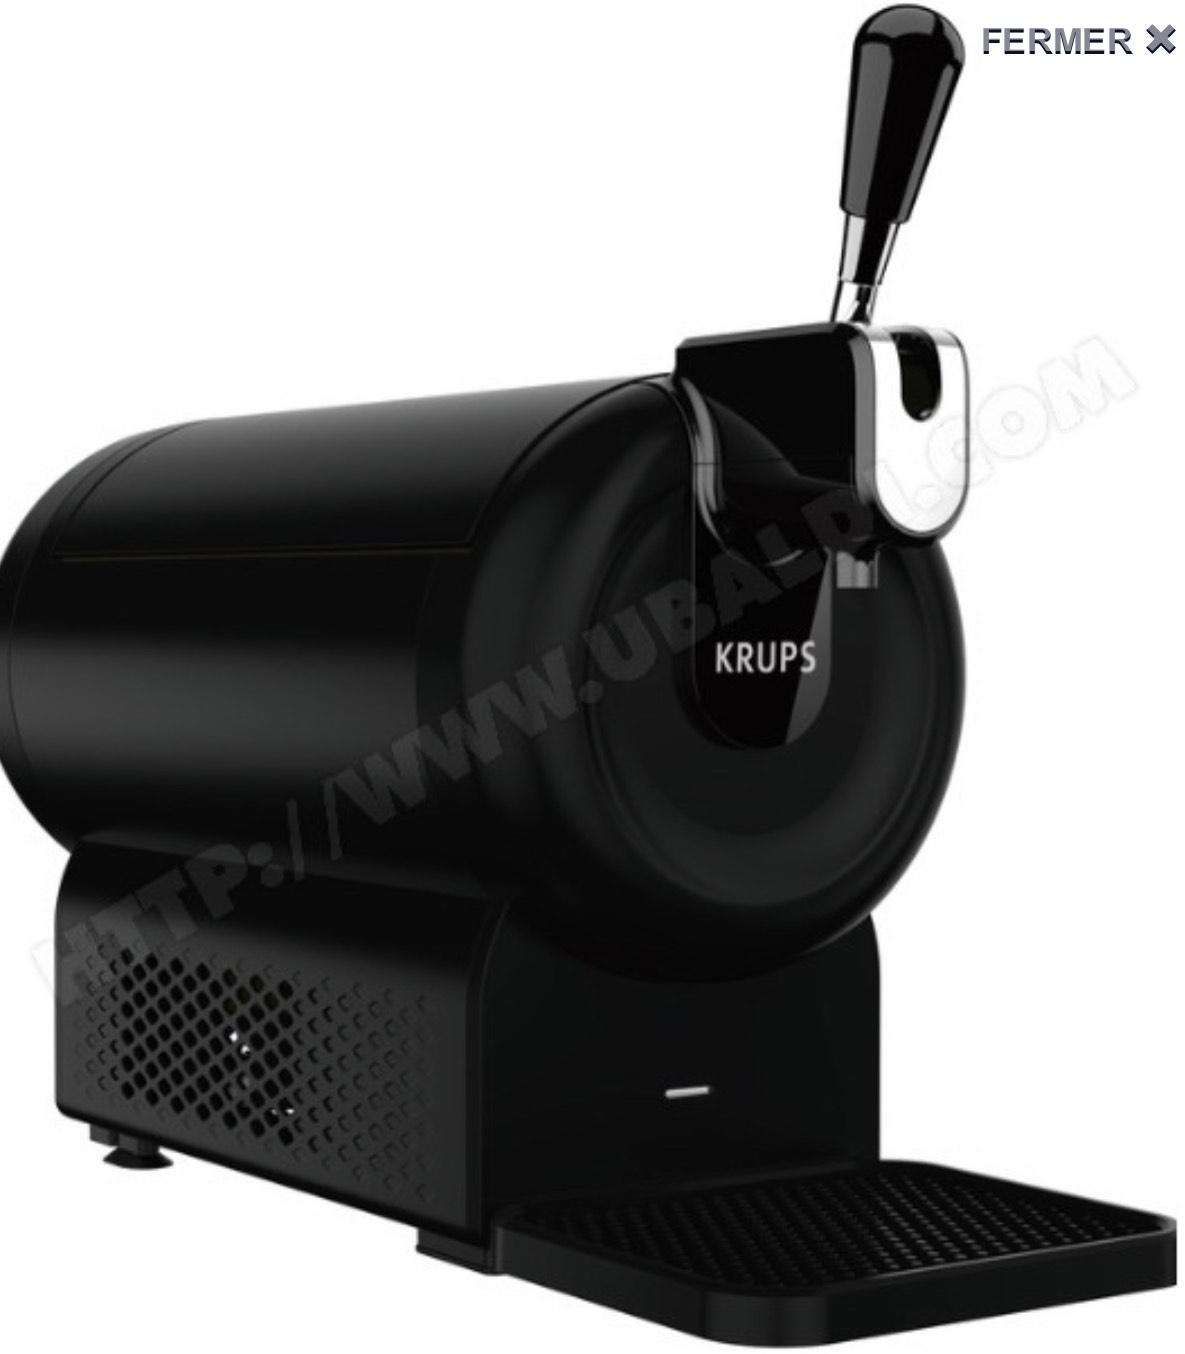 Distributeur de bière Krups VB641B10 The Sub Compact